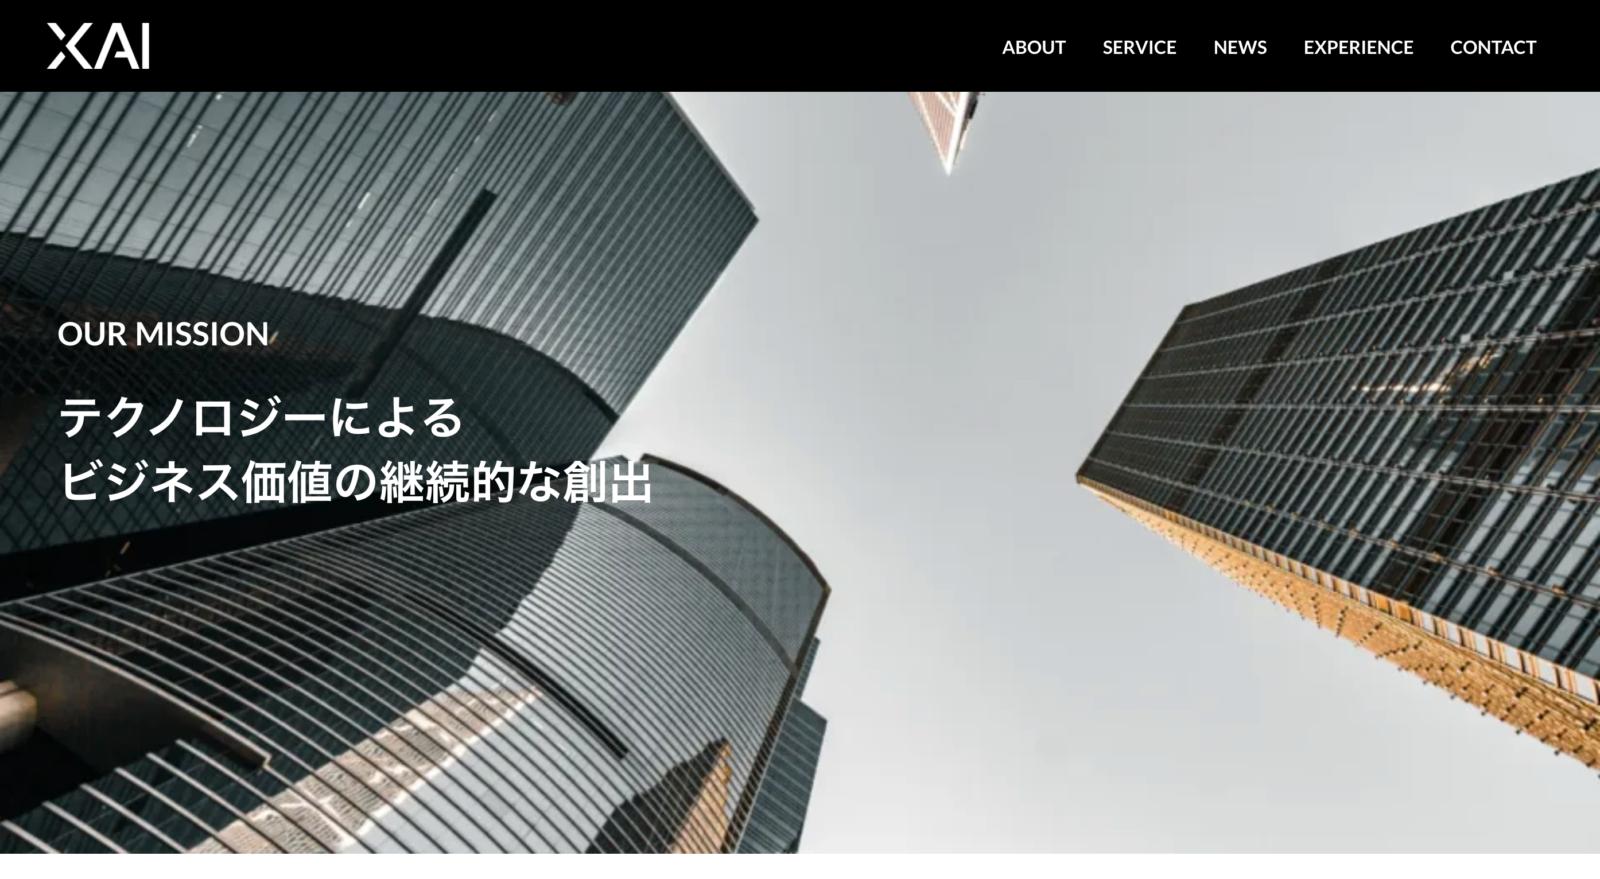 株式会社XAI